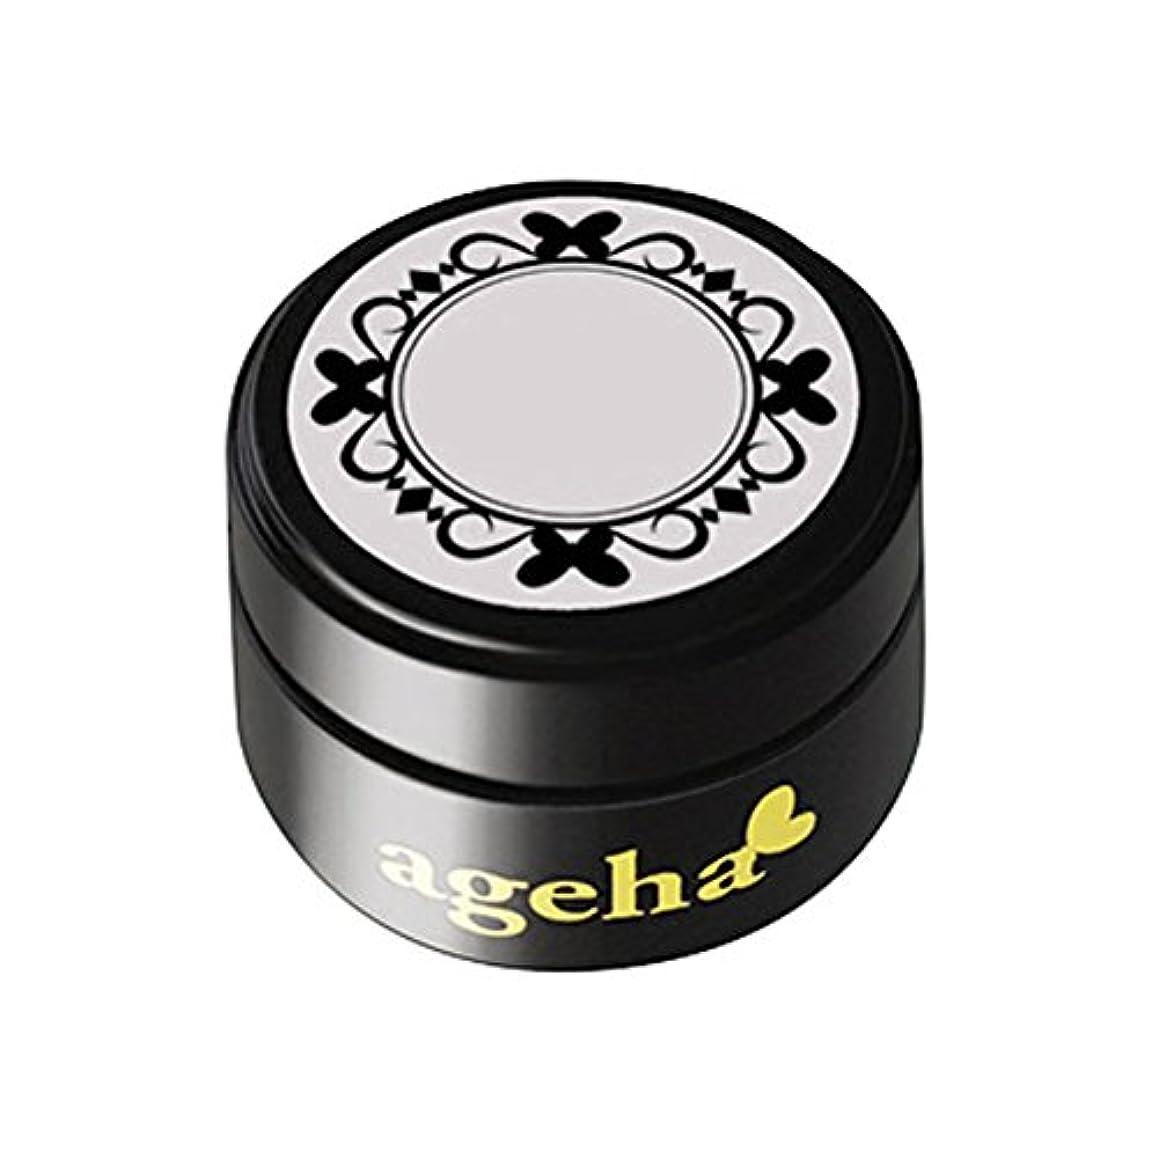 必要性窒素飛び込むageha gel カラージェル コスメカラー 103 アプリコットヌード 2.7g UV/LED対応